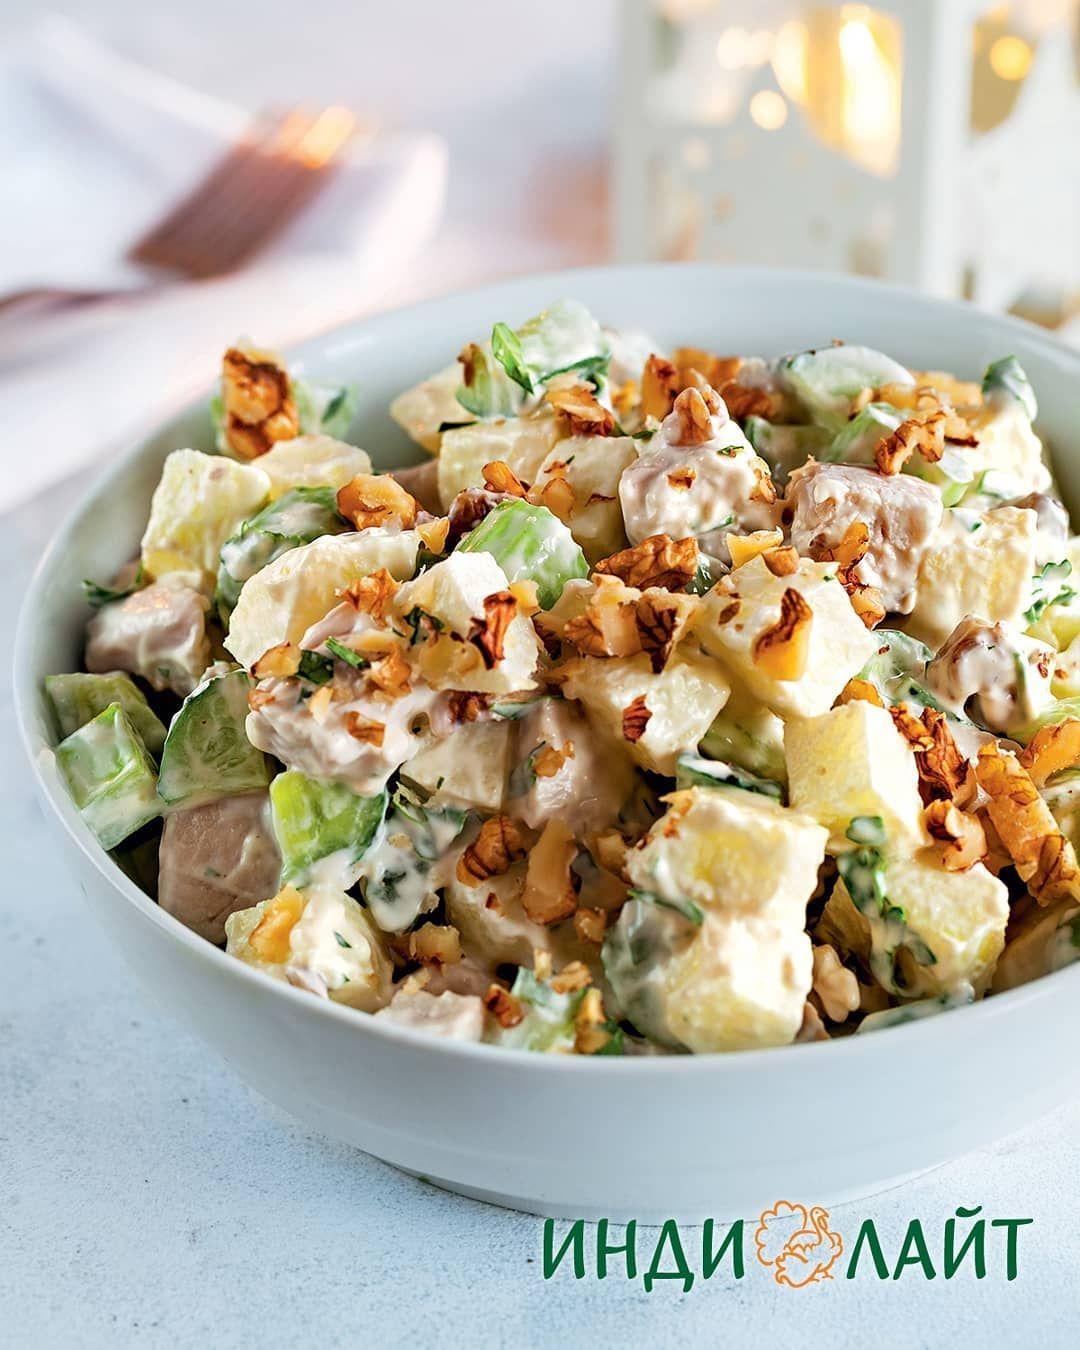 Салат с индейкой рецепты с фото простые